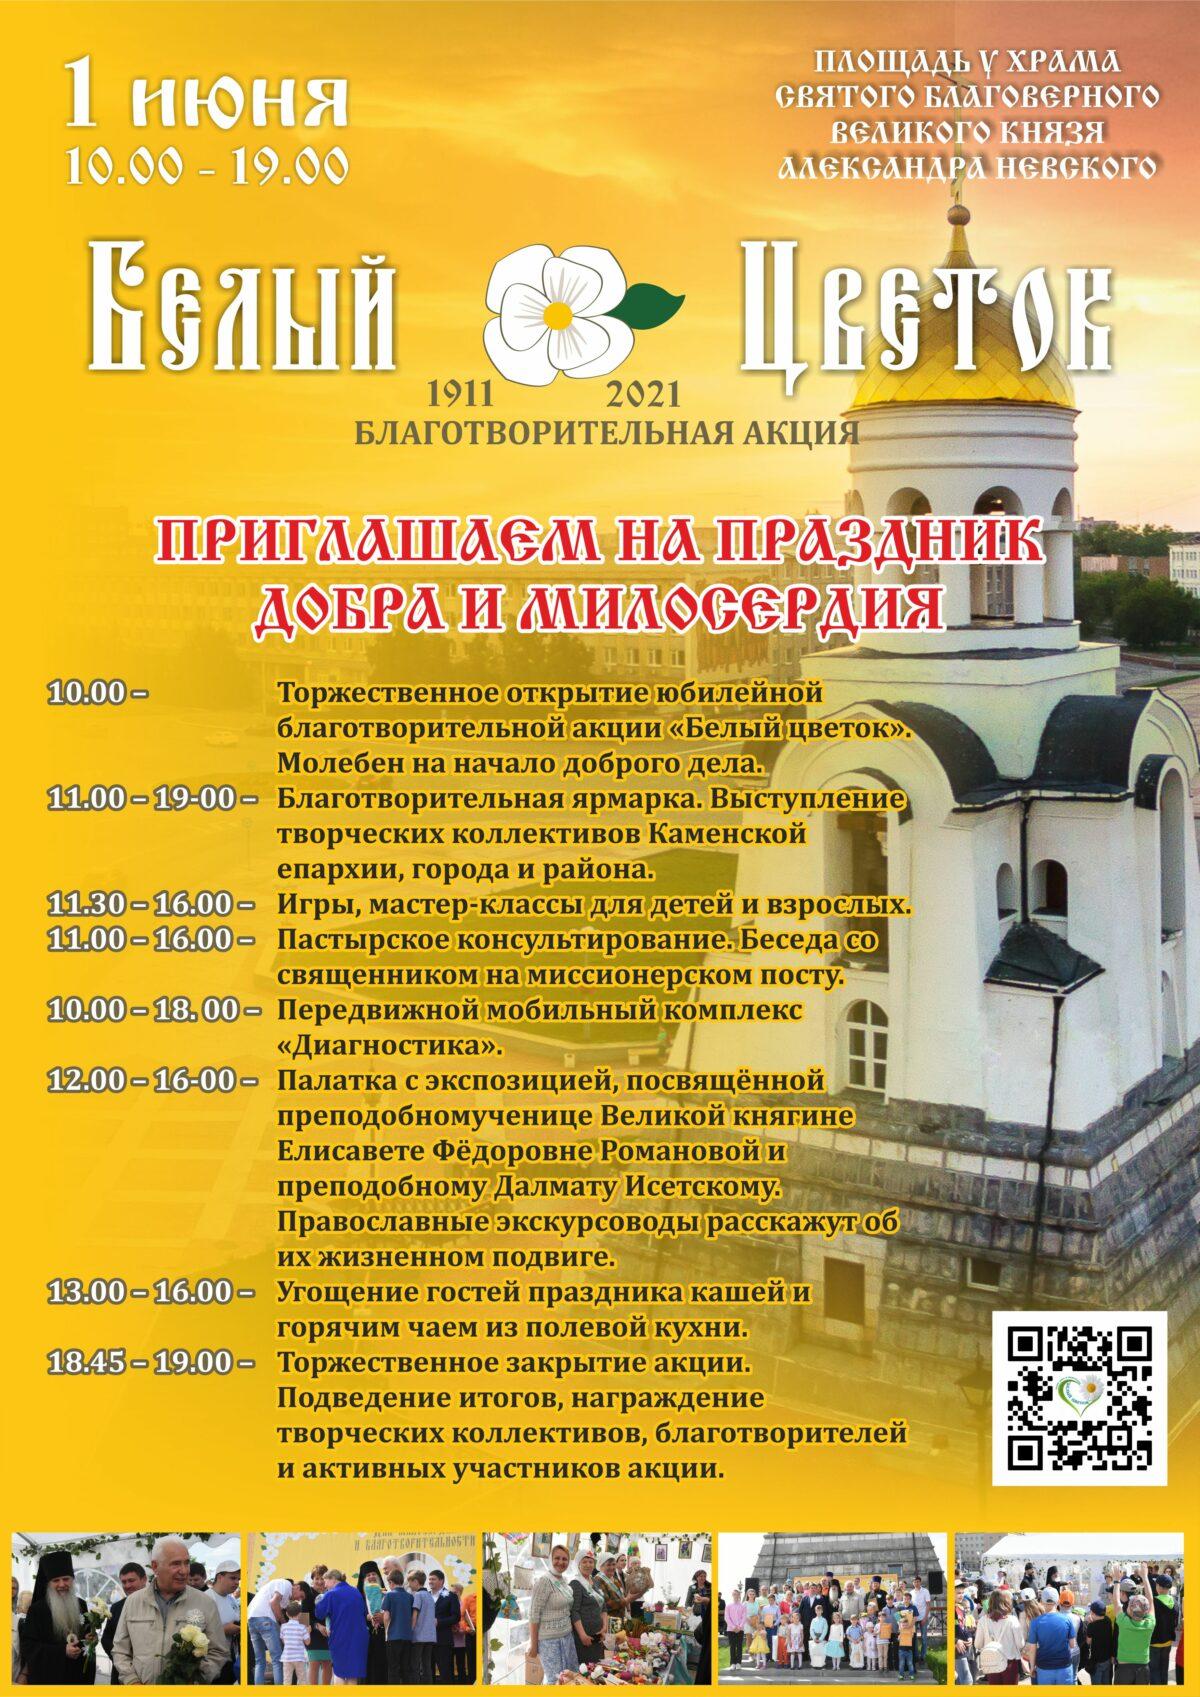 Сегодня 1 июня в Каменске-Уральском проходит благотворительная акция «Белый цветок»